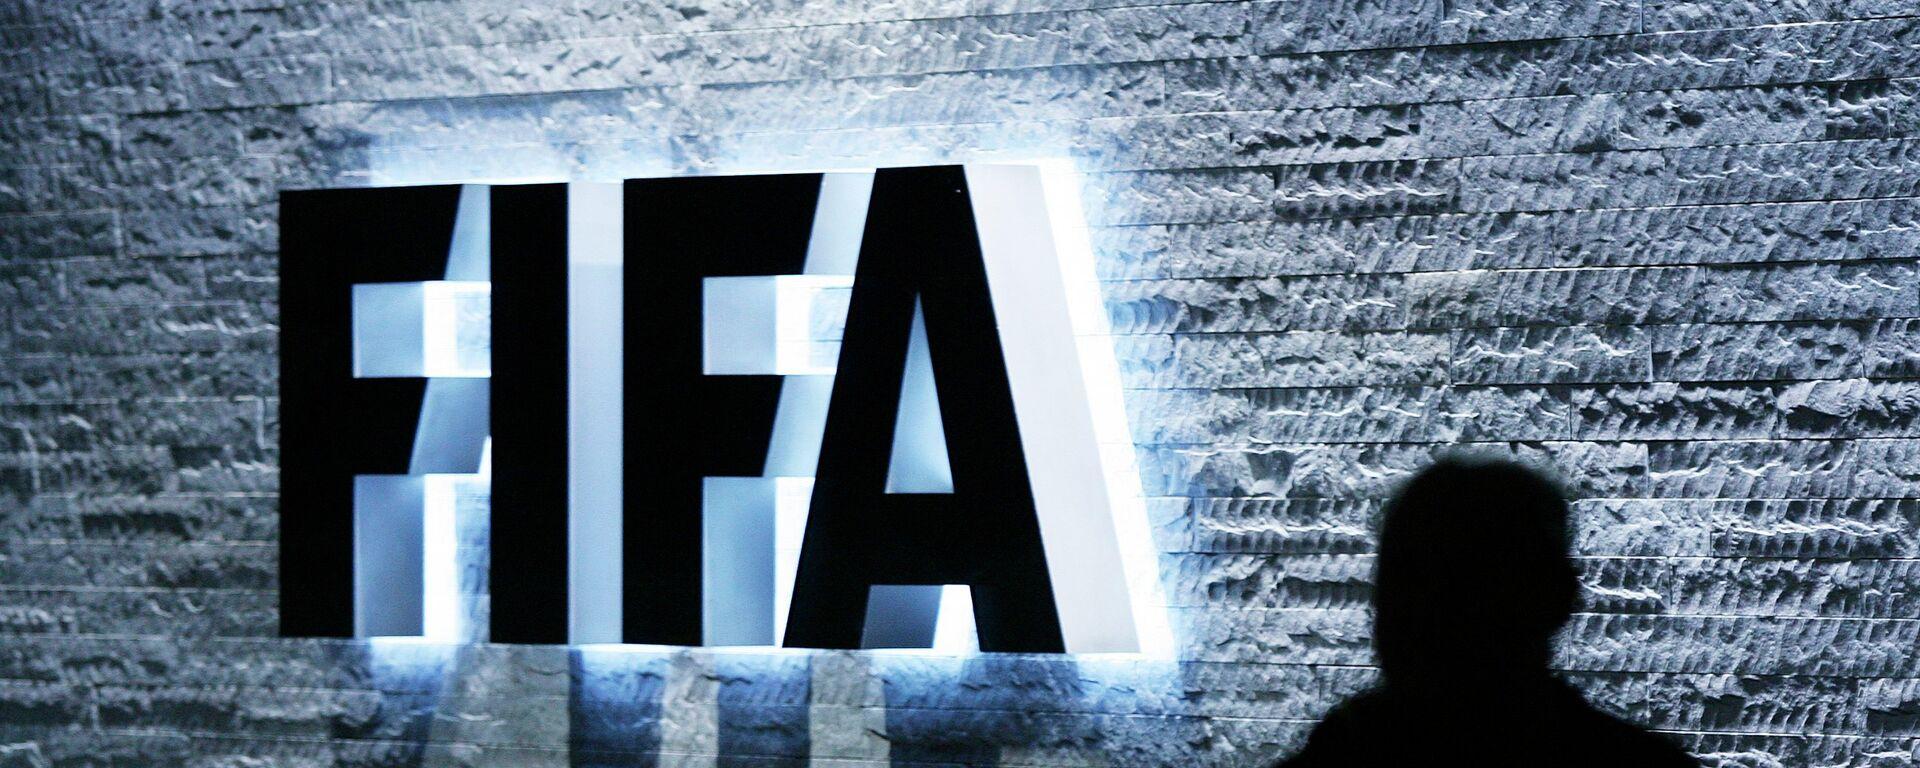 Логотип ФИФА, архивное фото. - Sputnik Тоҷикистон, 1920, 12.08.2021